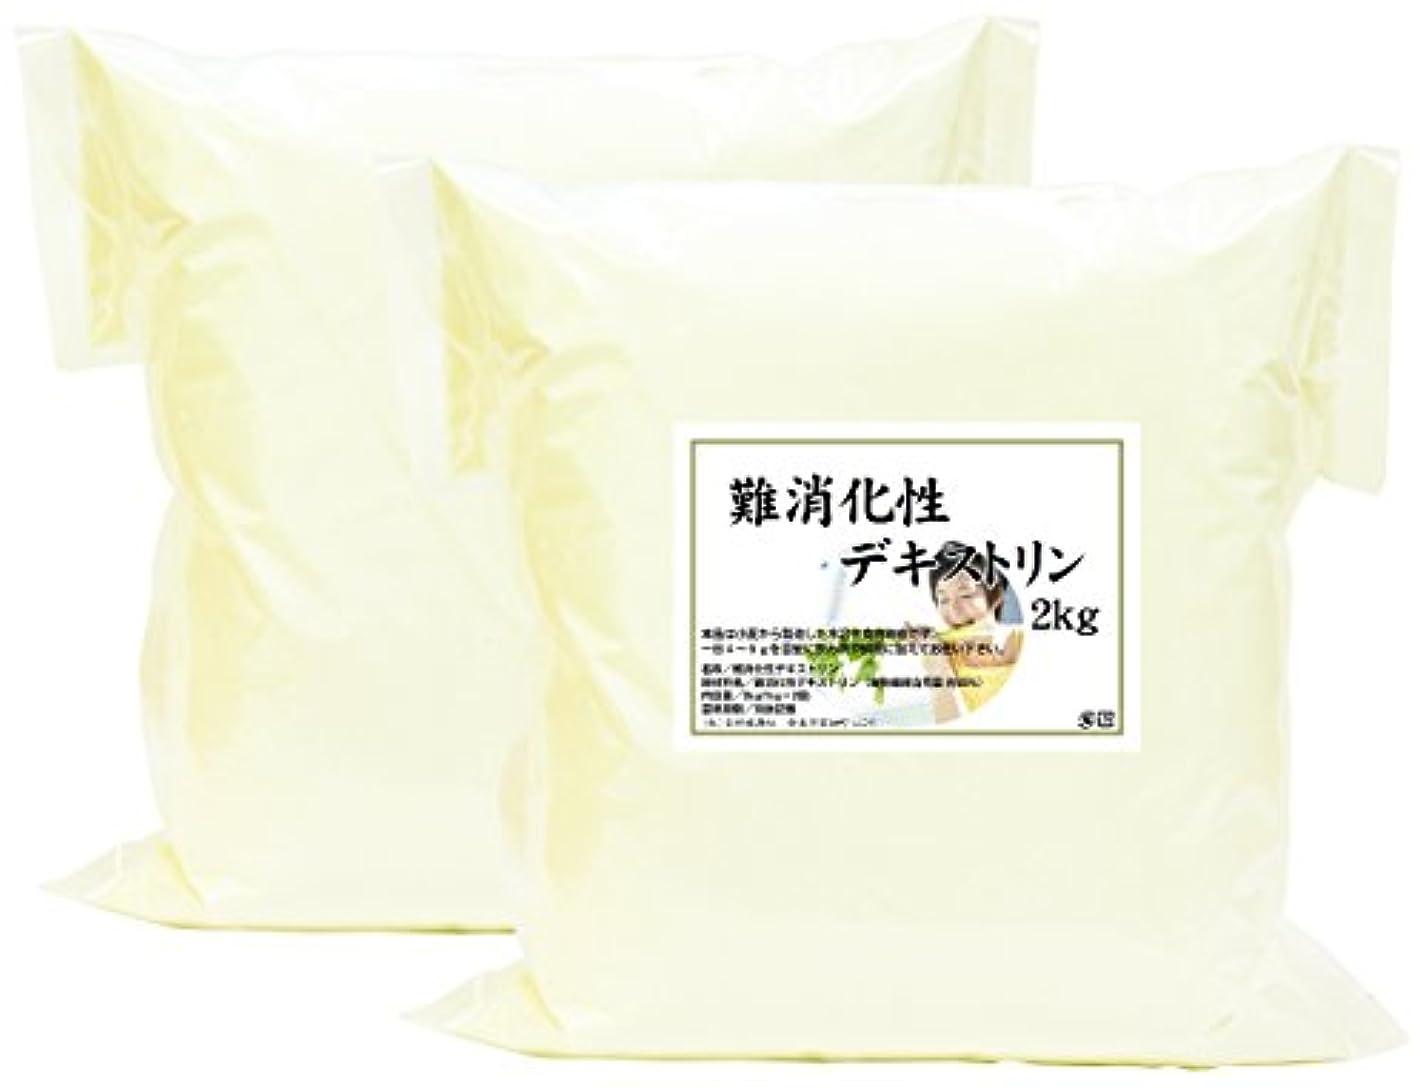 効能窒息させるレクリエーション自然健康社 難消化性デキストリン 2kg(1kg×2袋) 密封袋入り